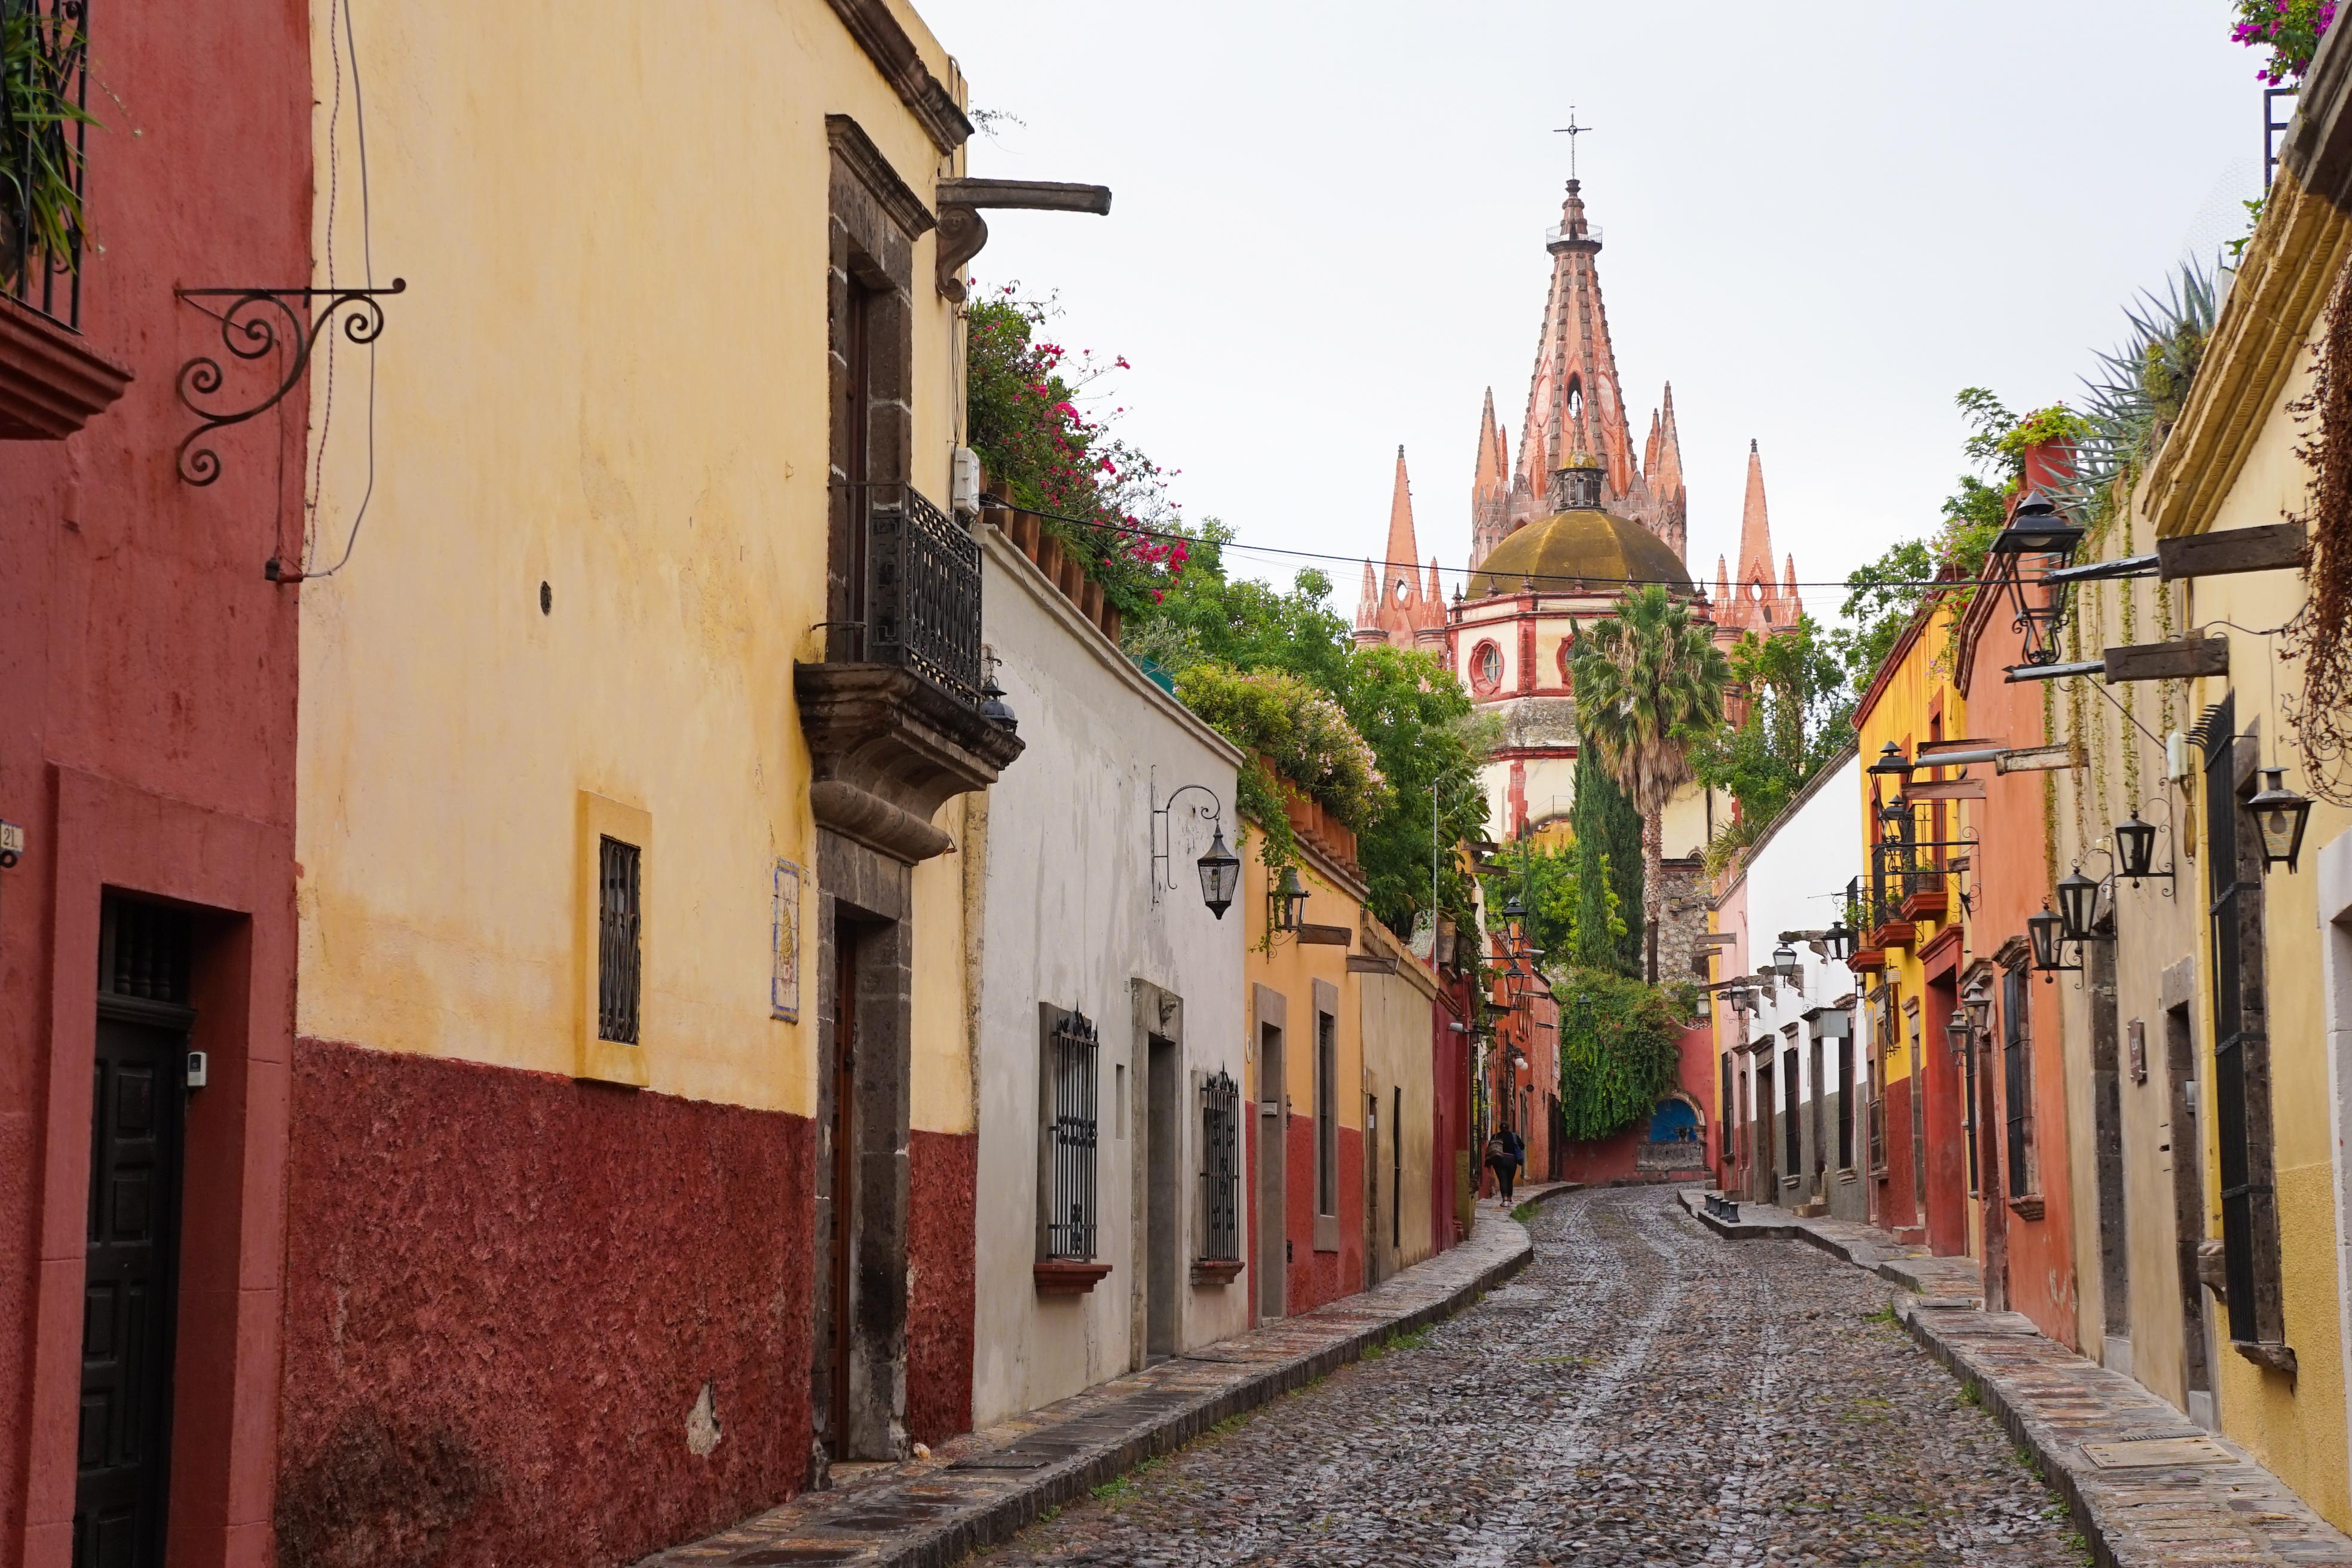 Назван лучший город для путешествий. И он в Мексике